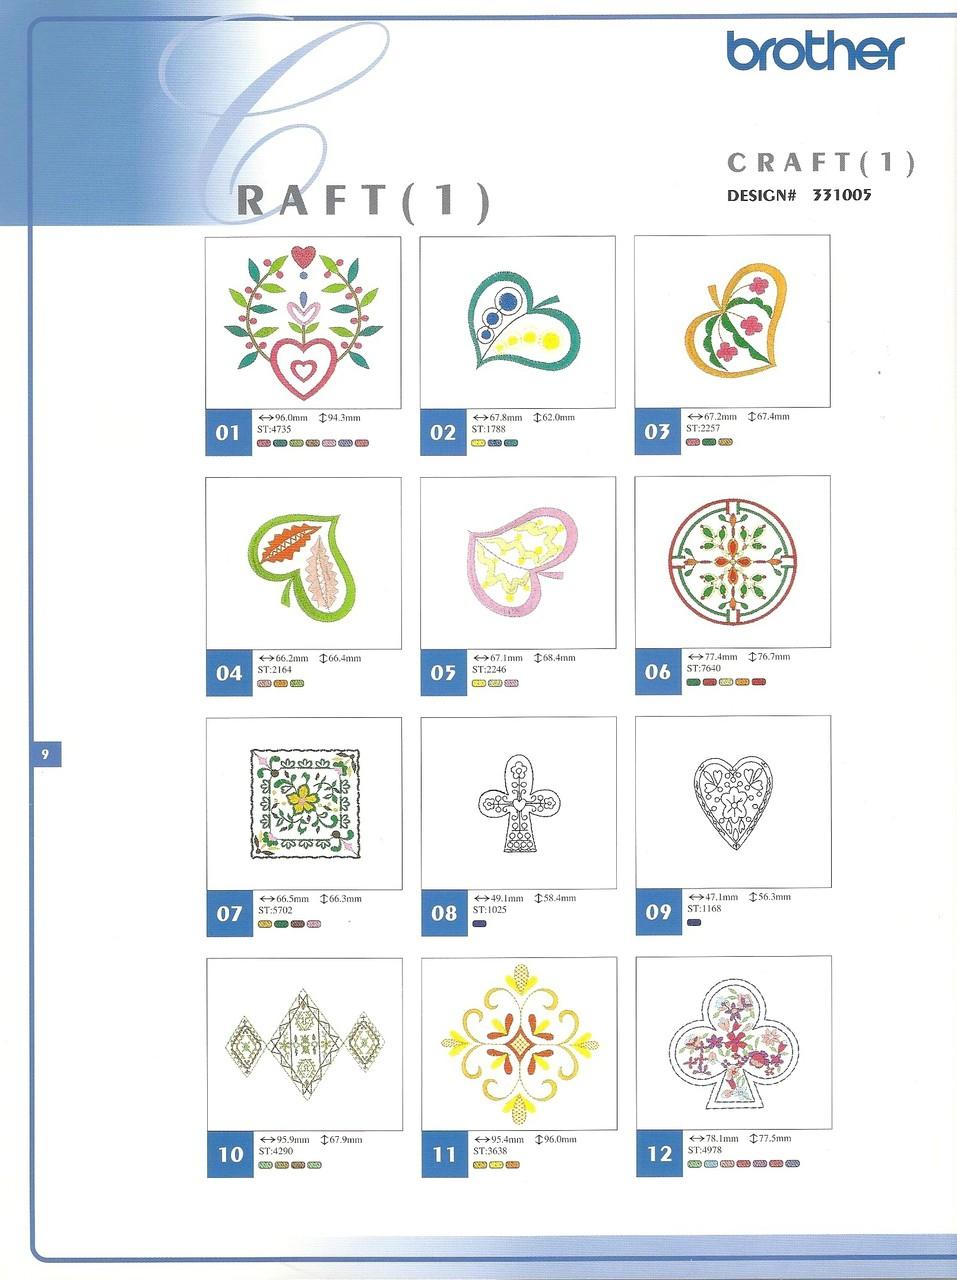 331005 Crafts I